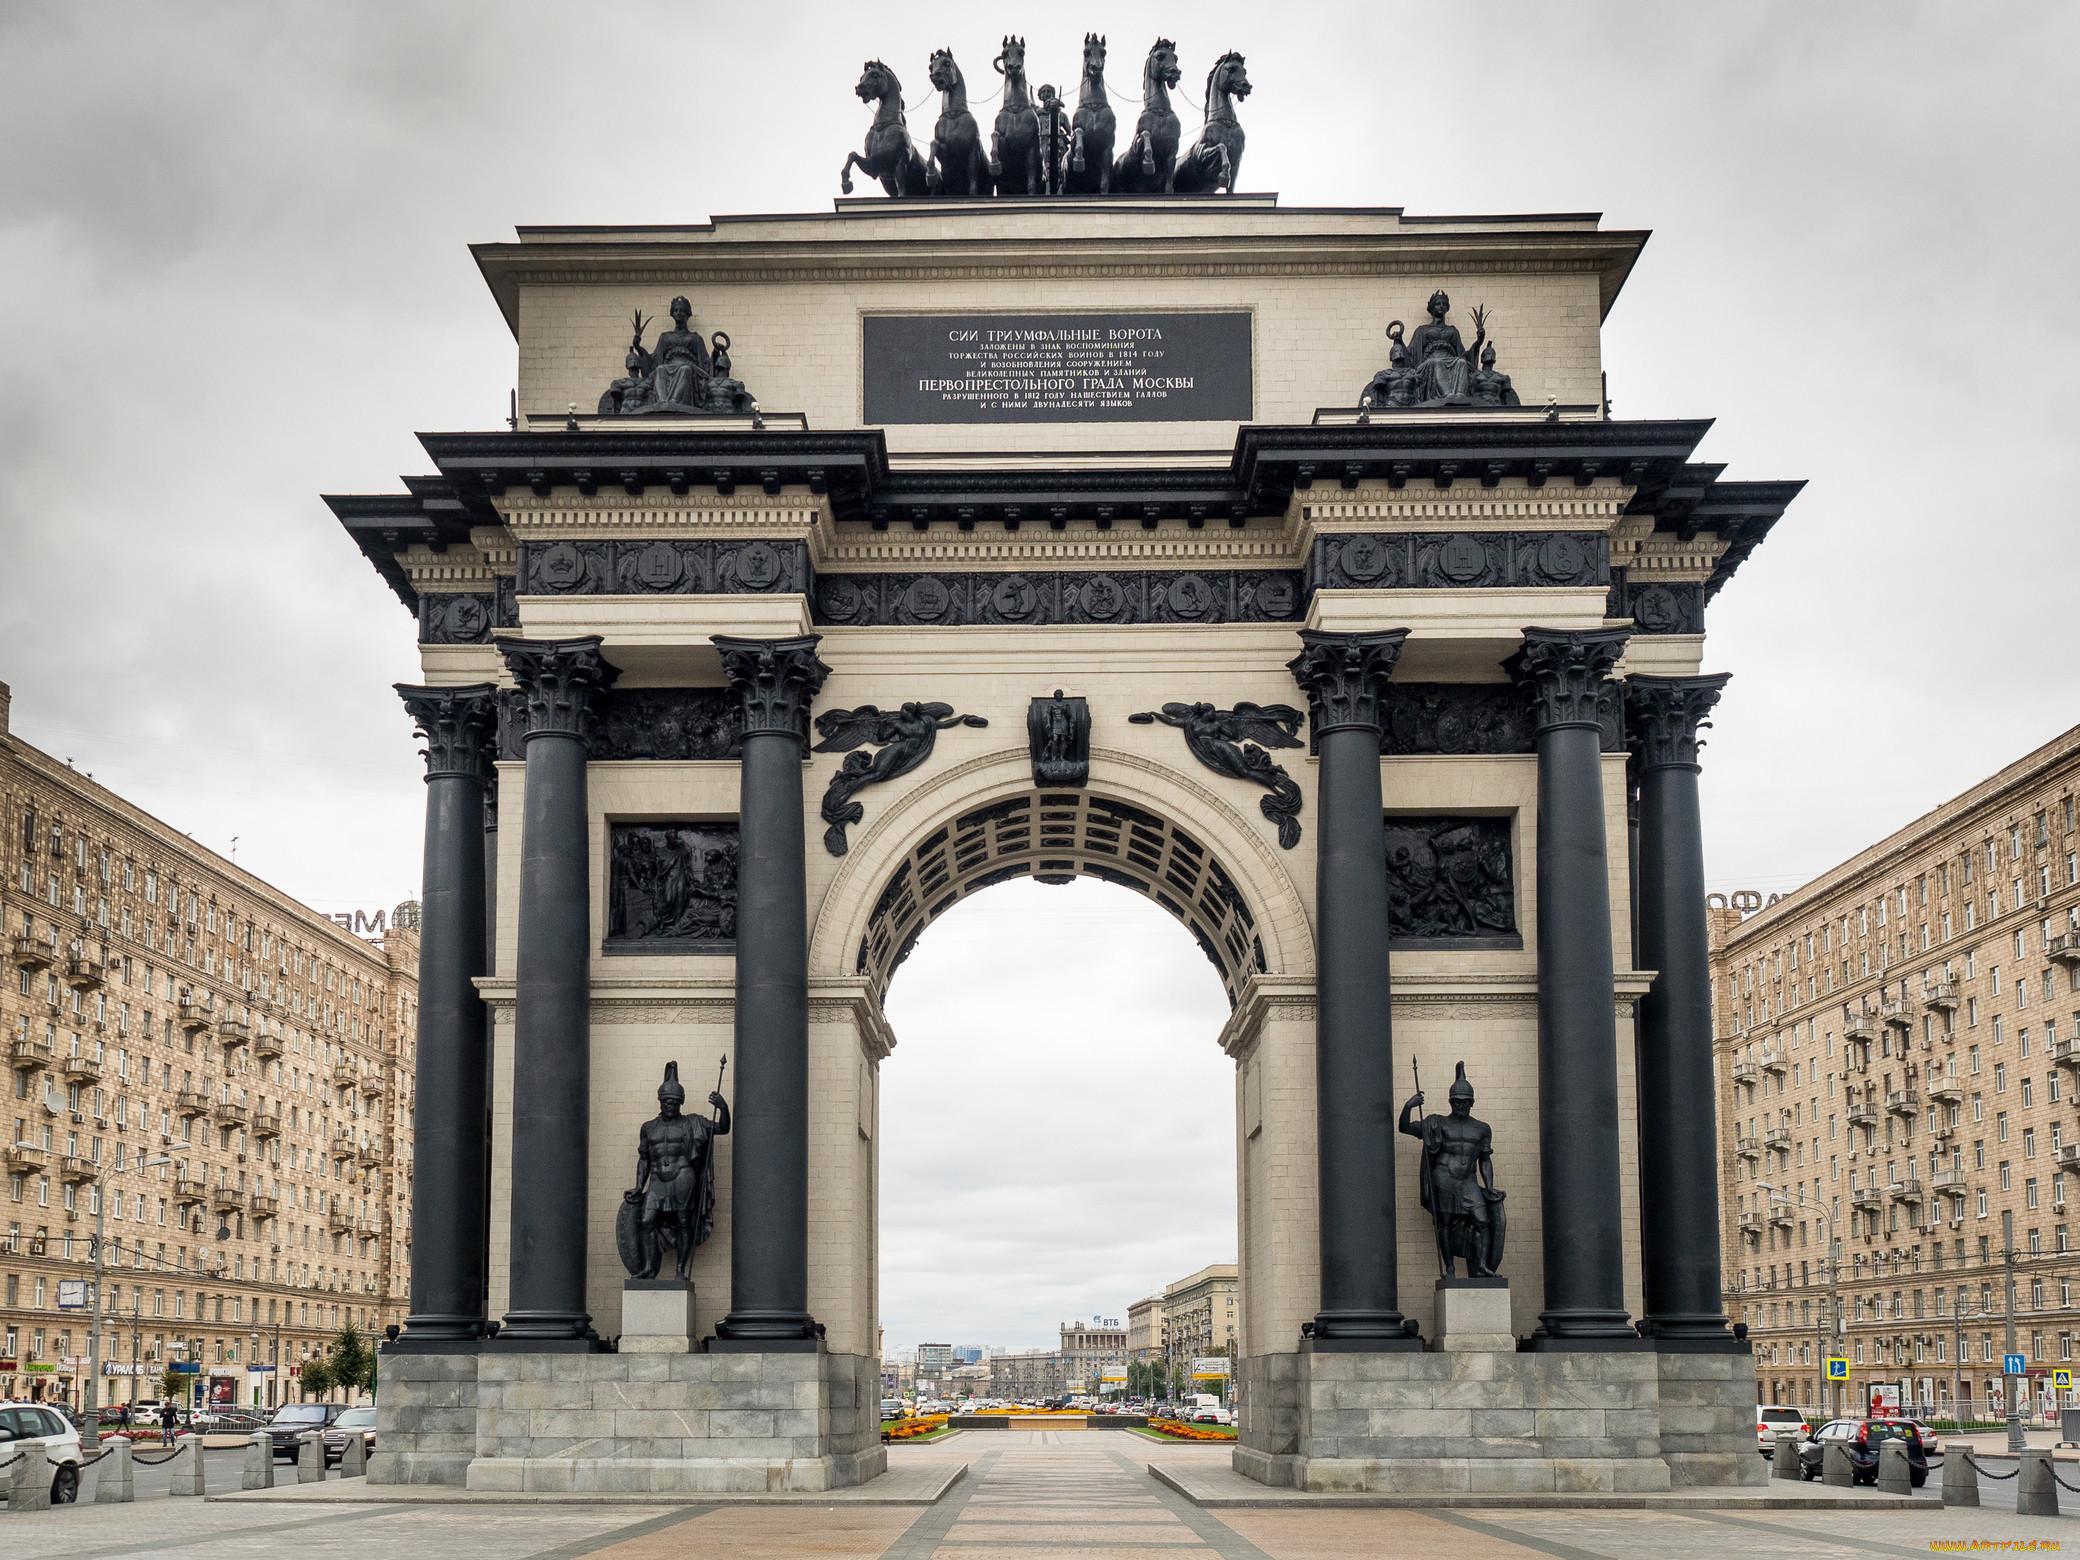 триумфальные арки картинка использование материалов, размещенных